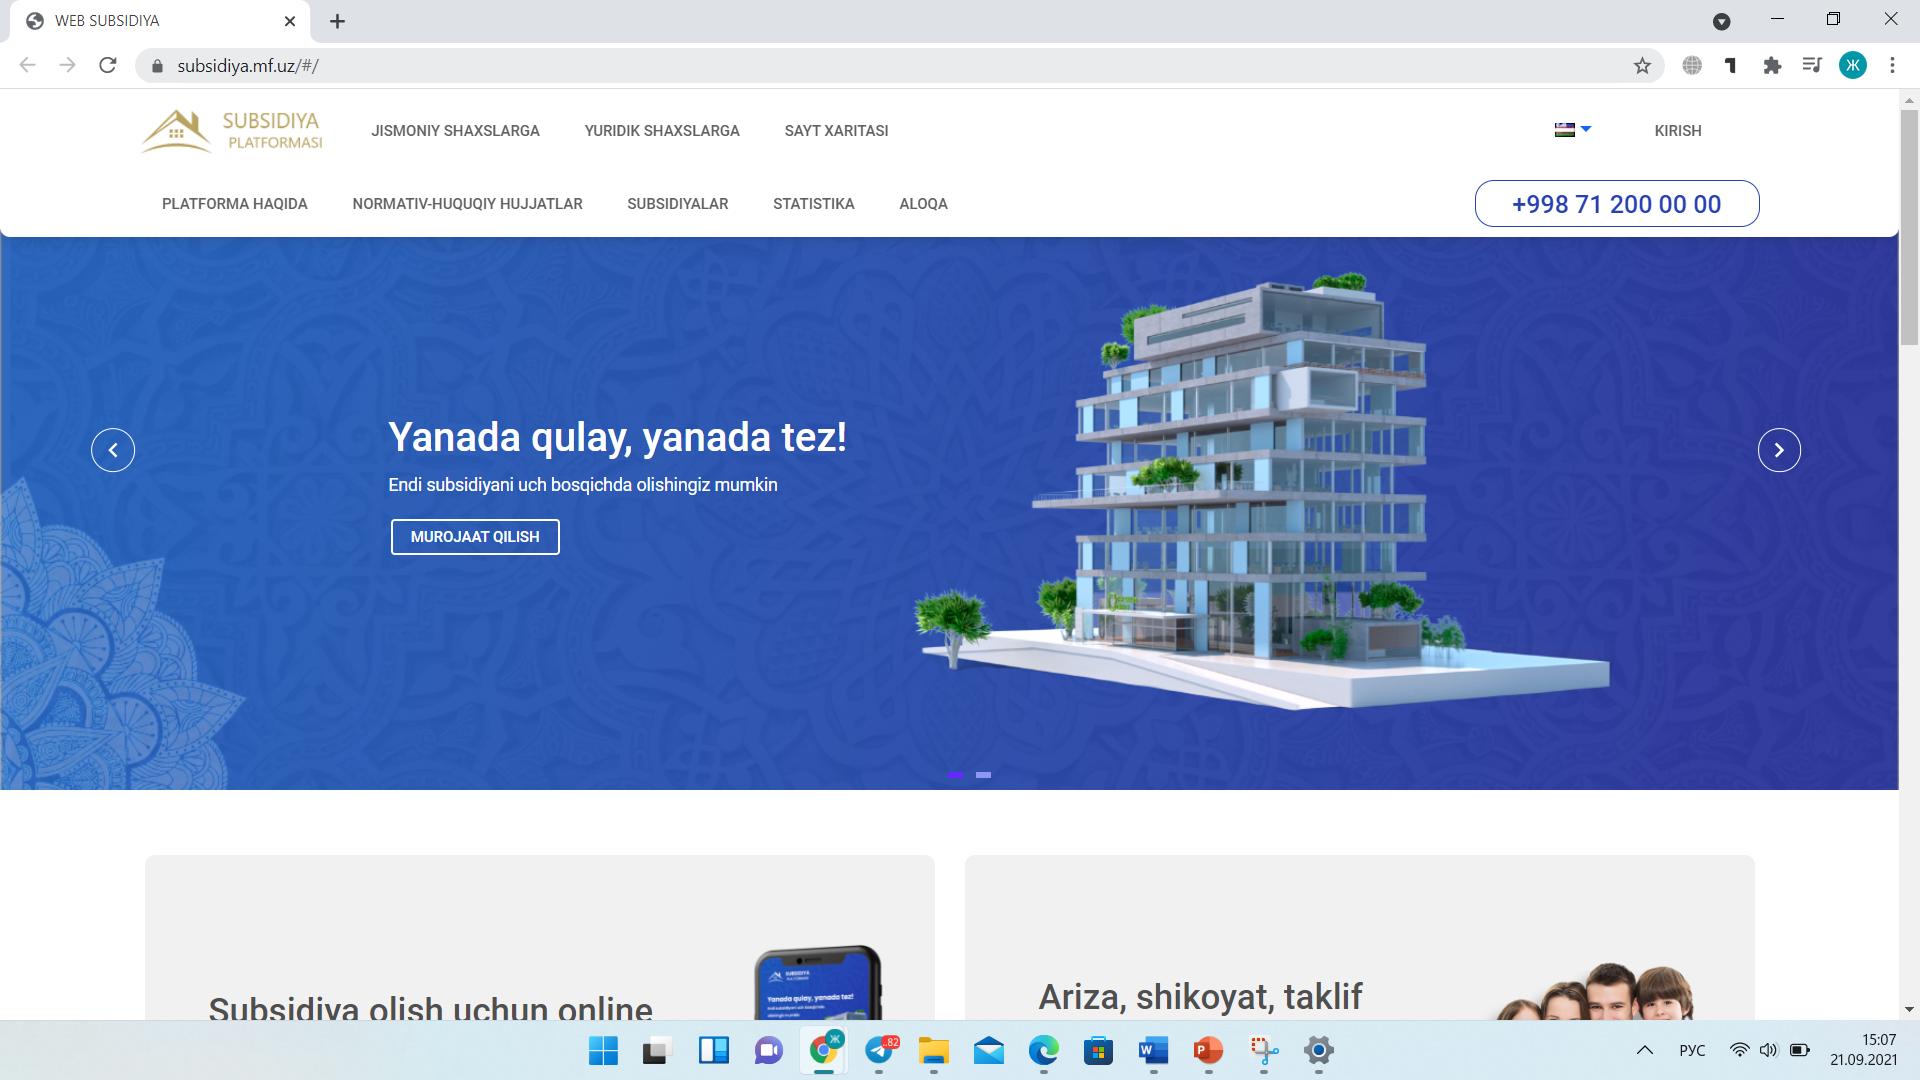 При Минфине создали электронную платформу SUBSIDIYA.MF.UZ